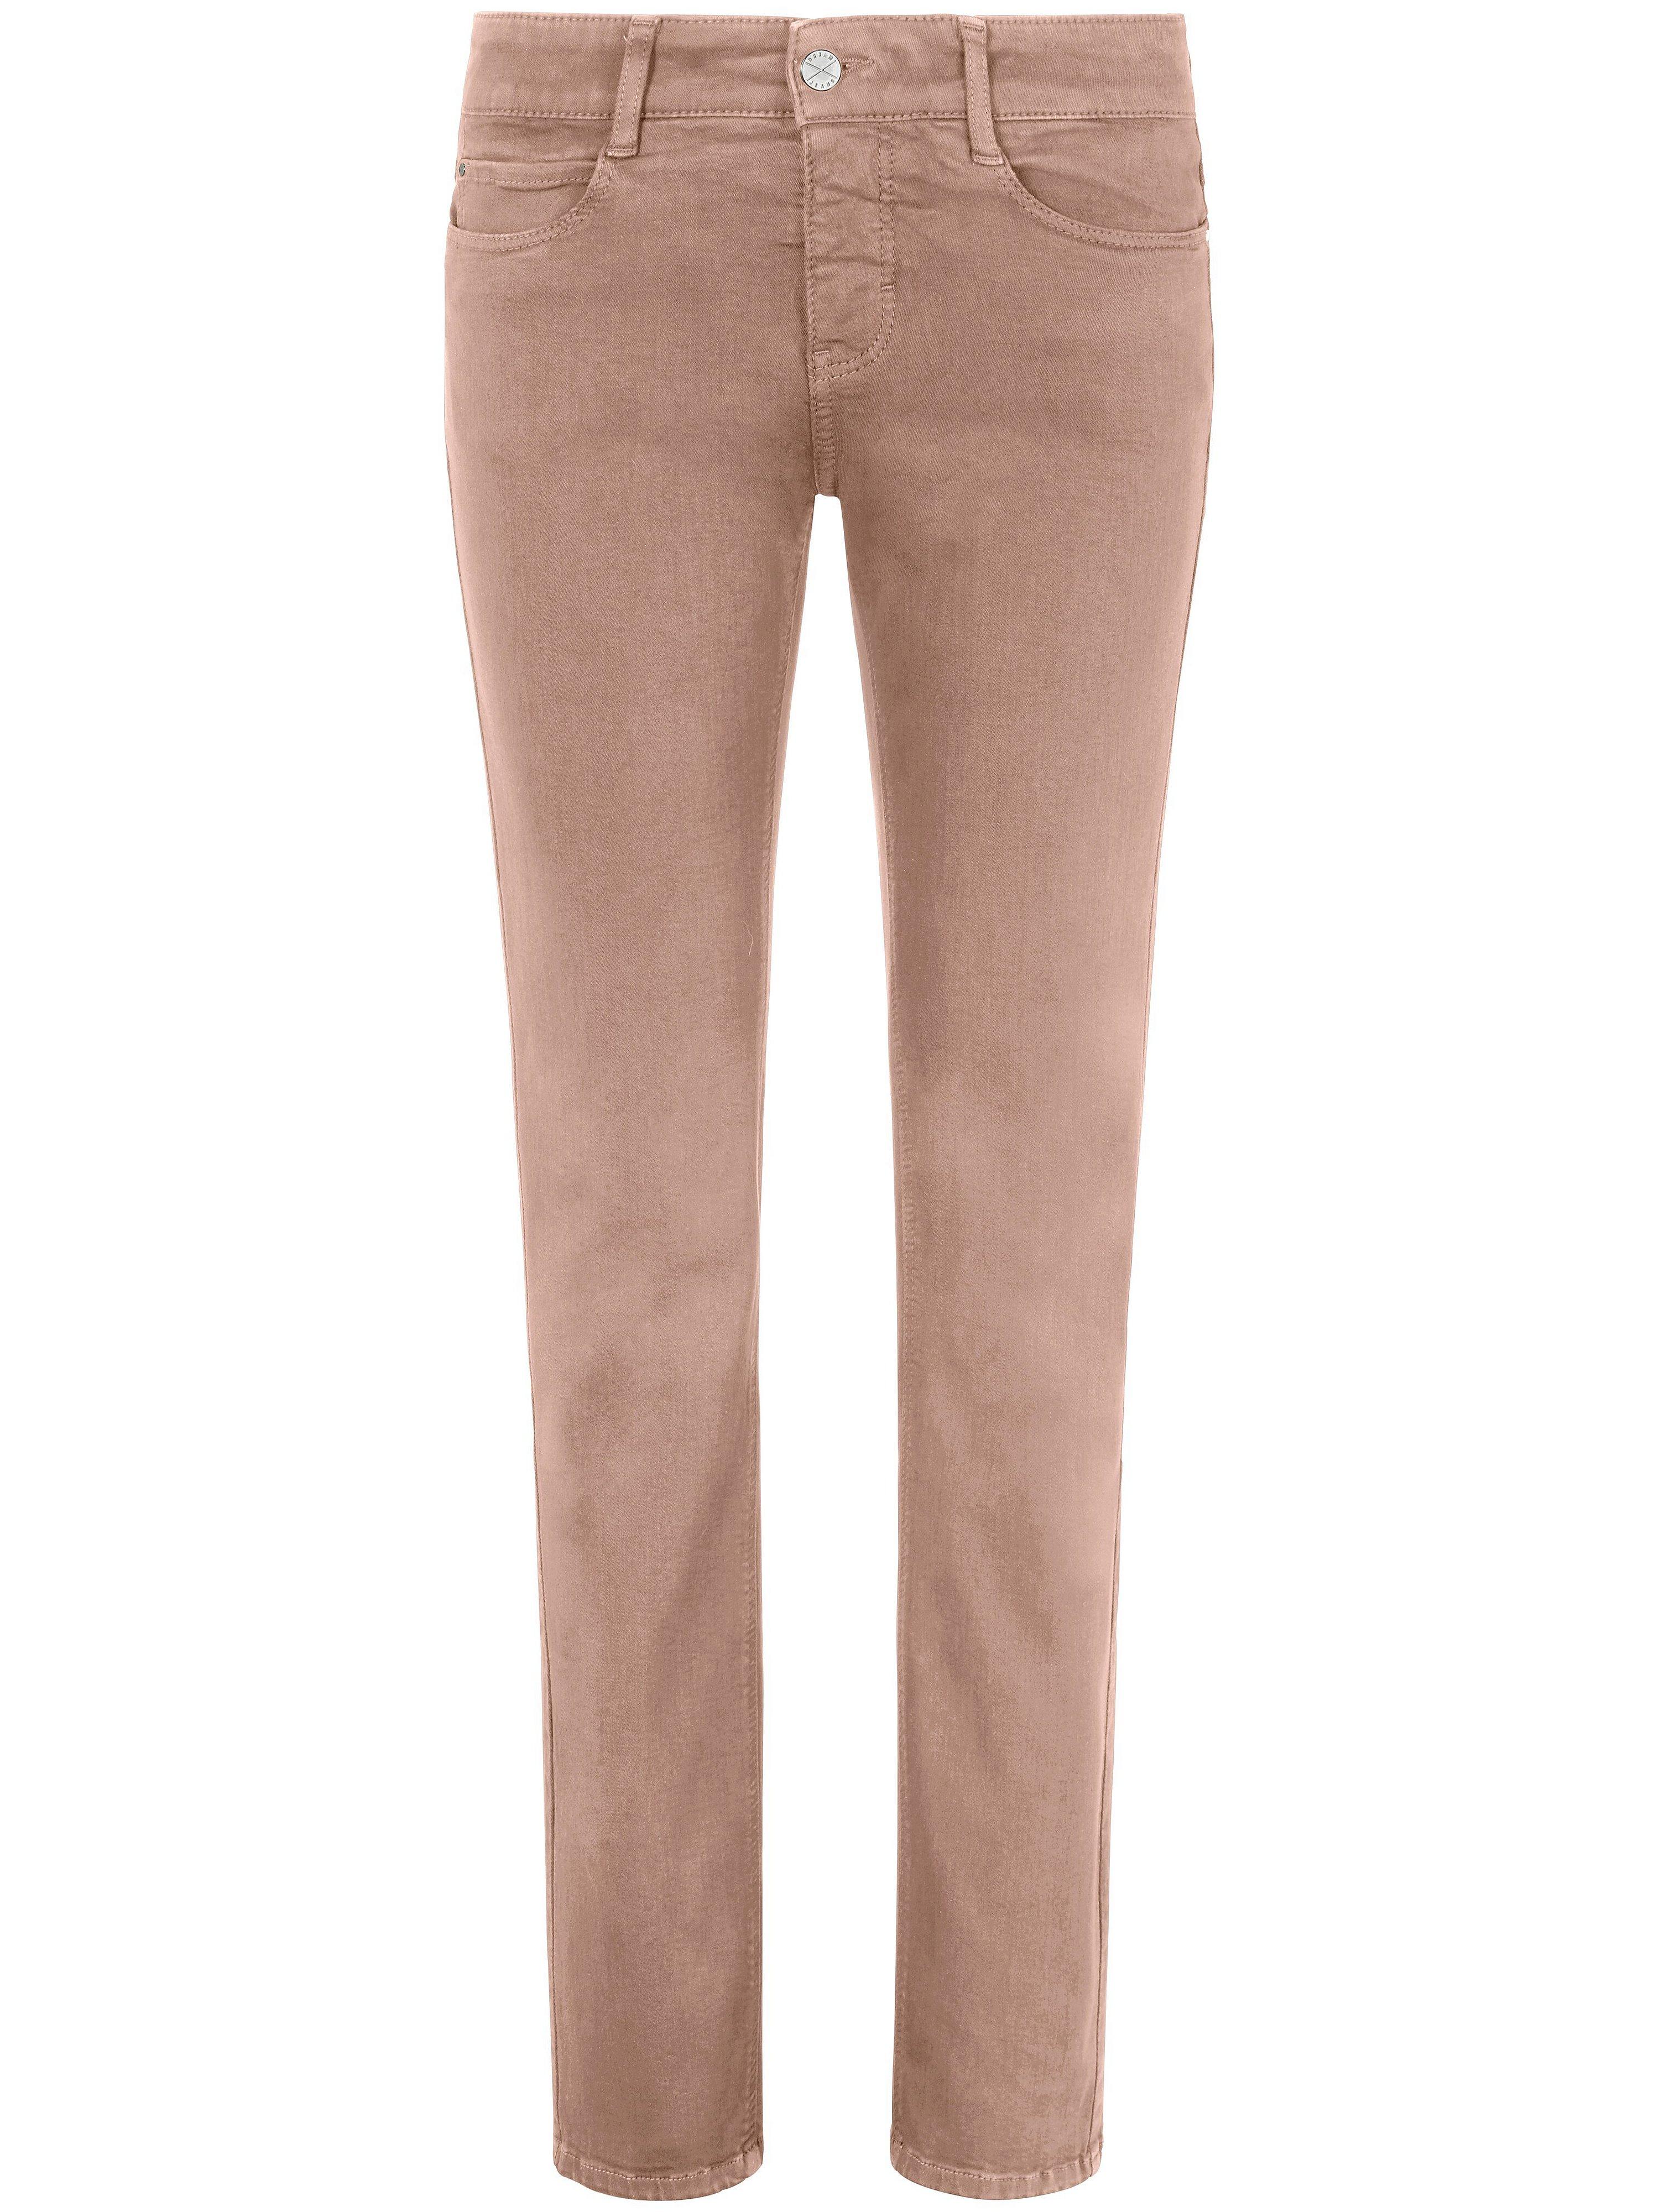 Jeans Dream met rechte pijpen Van Mac lichtroze